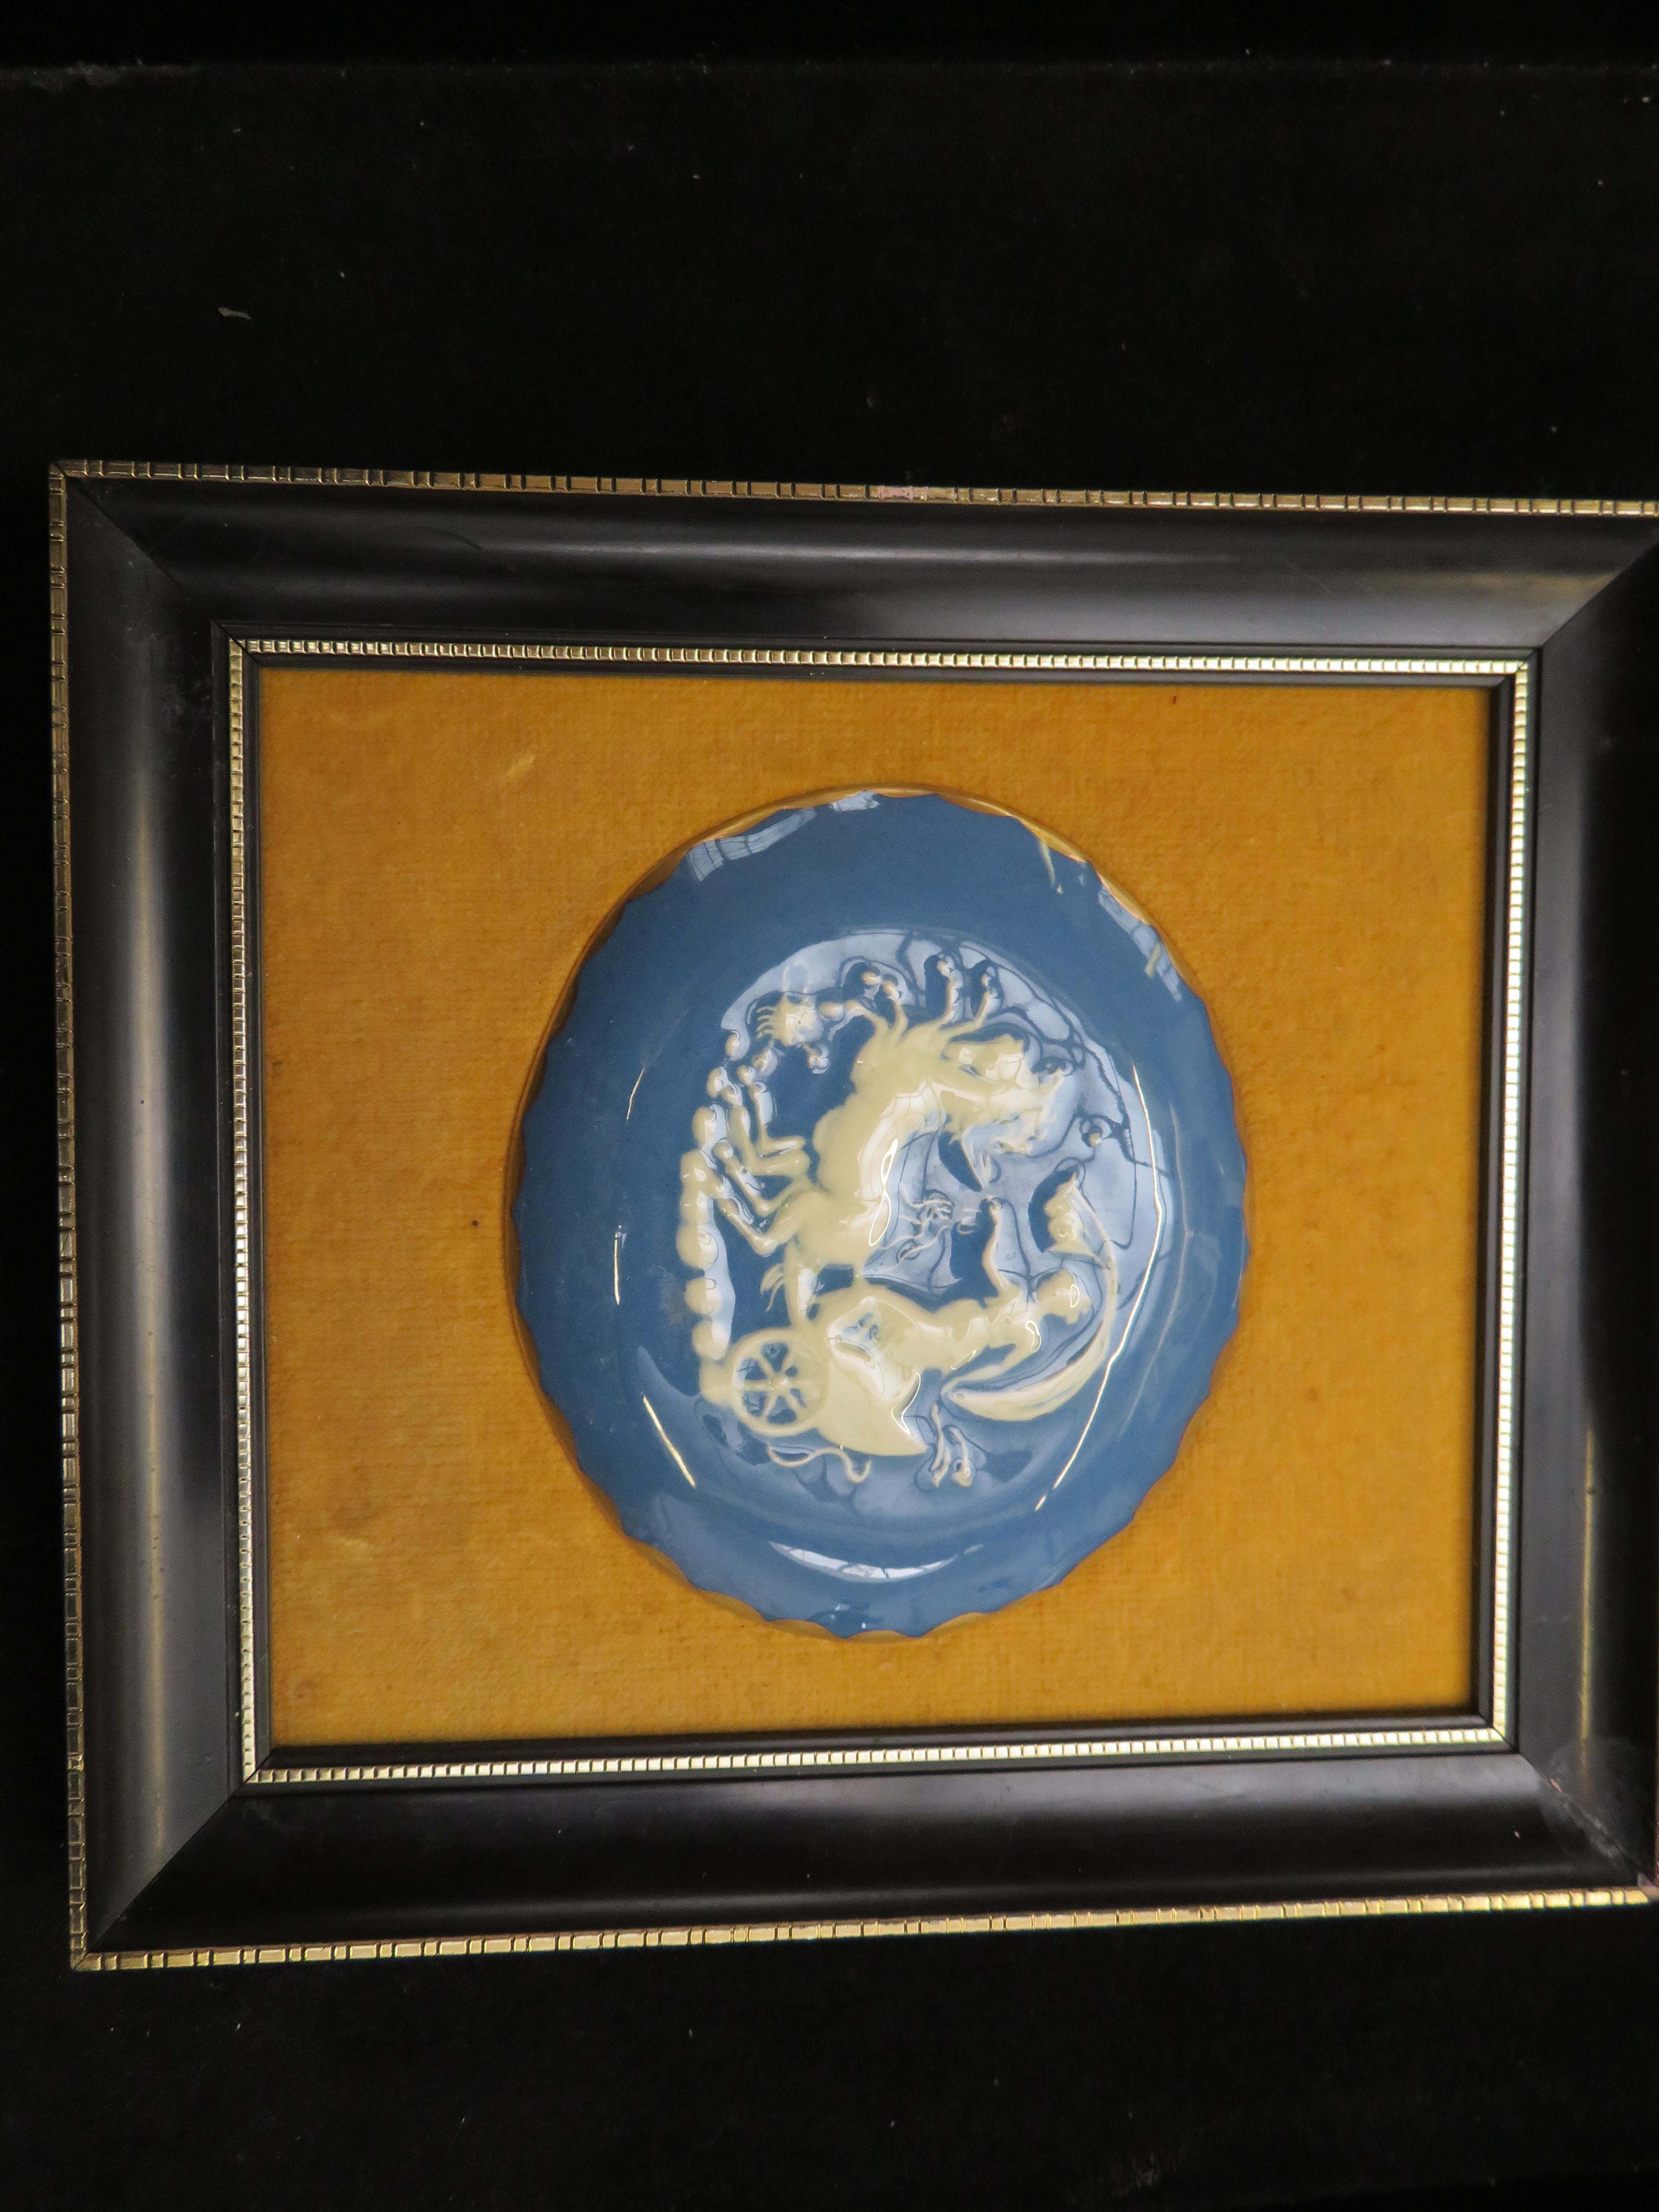 Lot 241 - Framed Pat-Sur-Pat oval plaque (Plaque size 10 cm